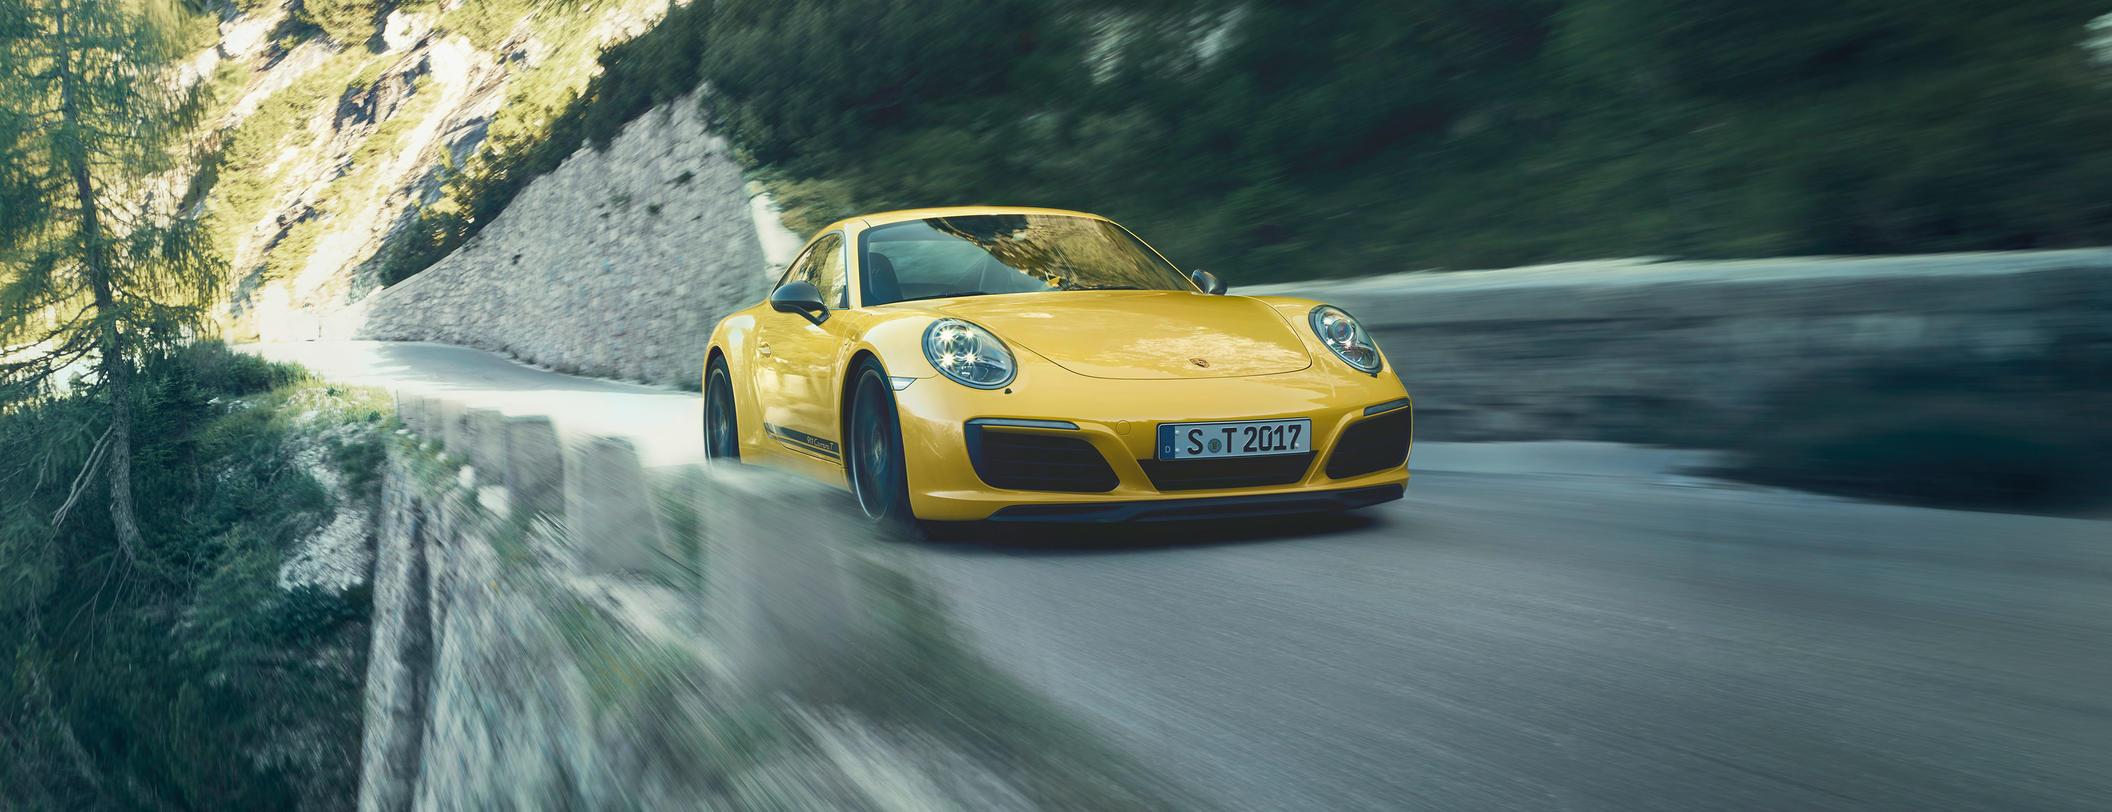 Sell My Porsche   Free Porsche Valuation   Premium Car Buying Service